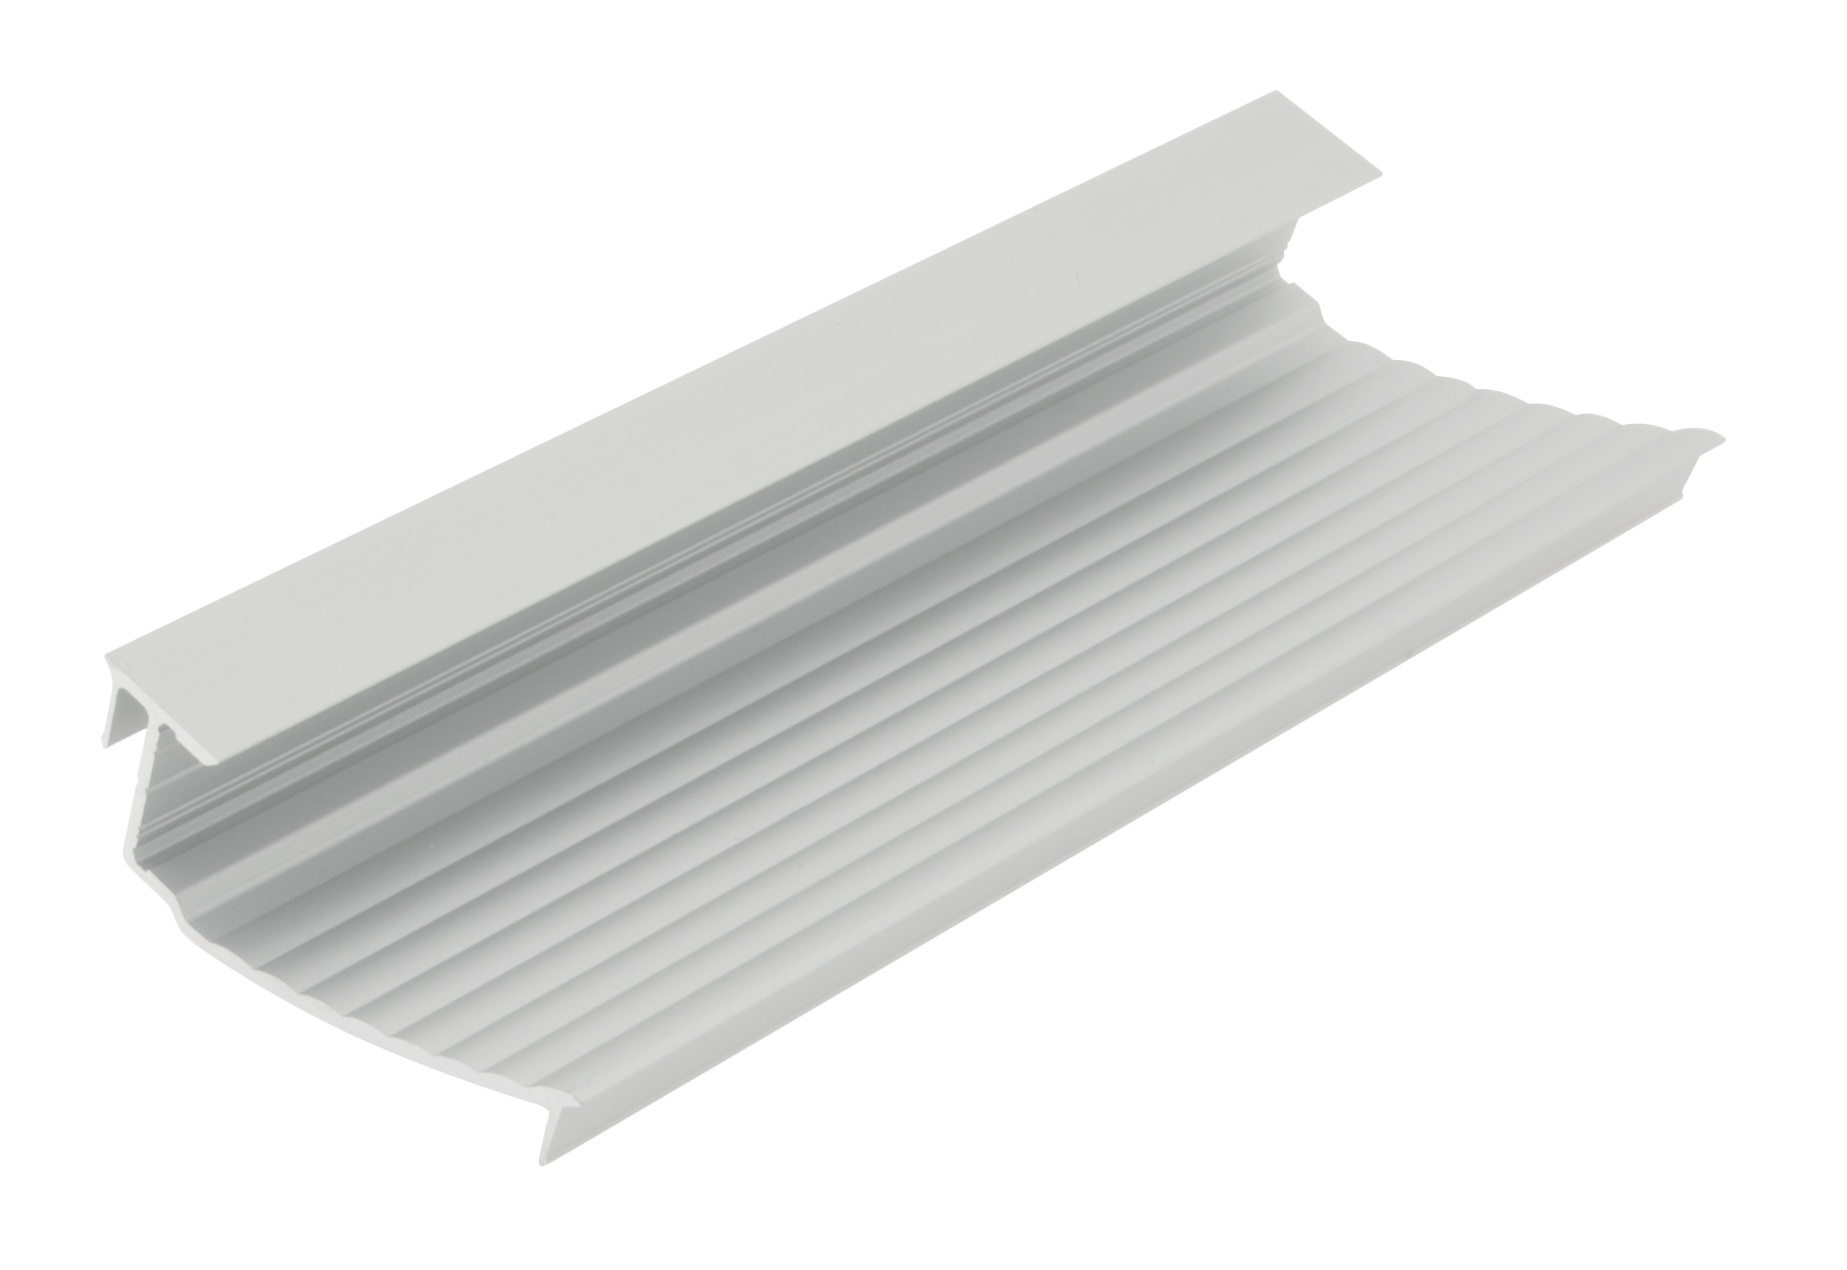 1 m Aluminium Profil SLW geriffelt / rippled LIAP003200